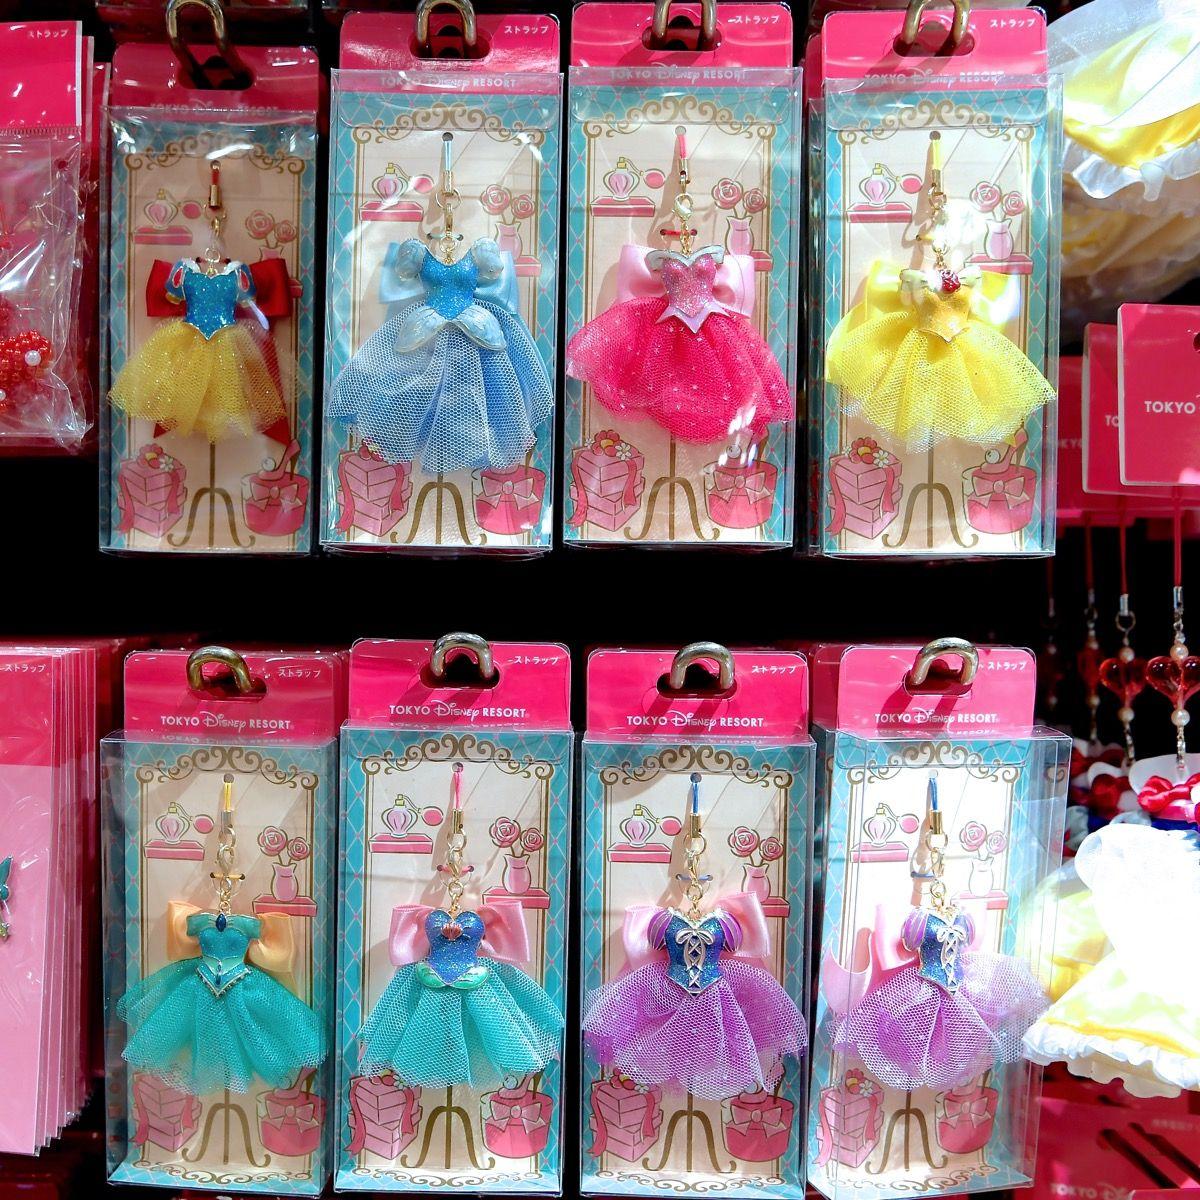 プリンセス ドレス ストラップ グッズ お土産 東京ディズニーランド 東京